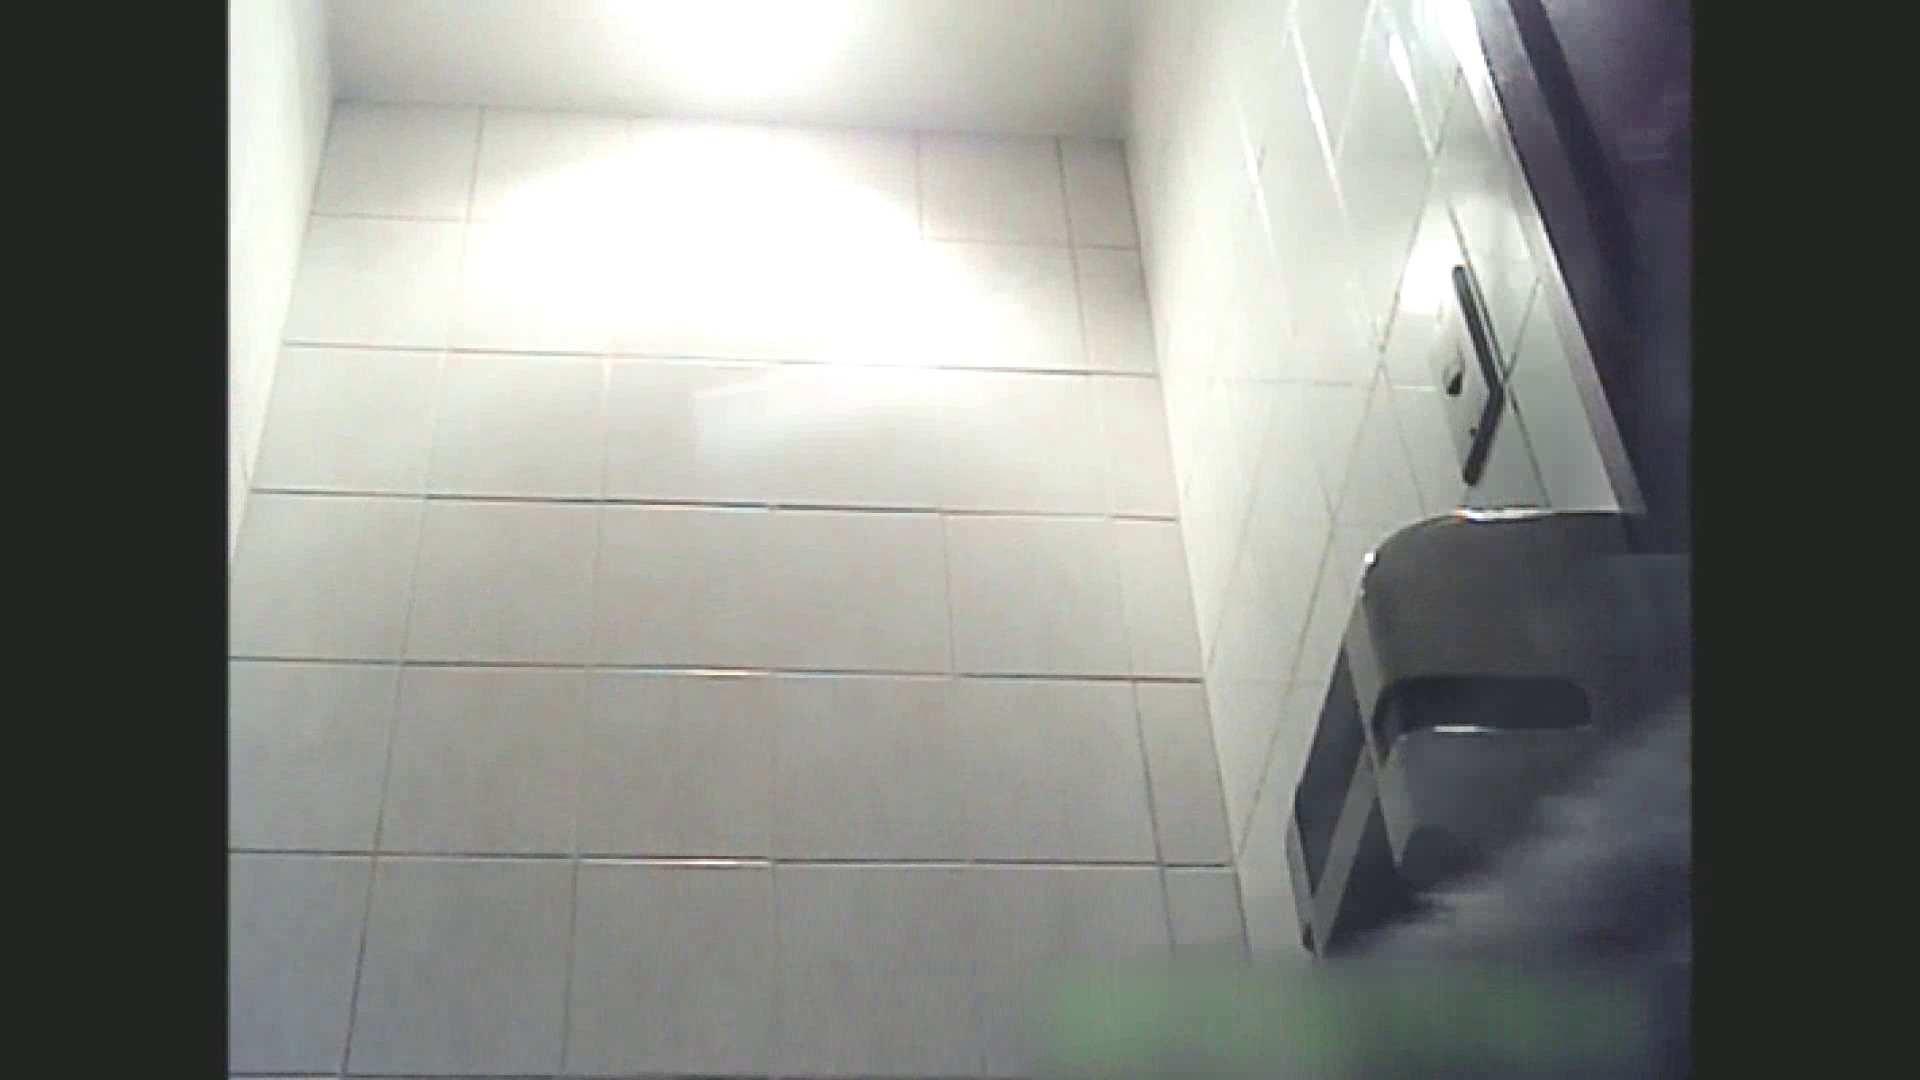 実録!!綺麗なお姉さんのトイレ事情・・・。vol.1 ナプキン | 美女OL  63連発 49